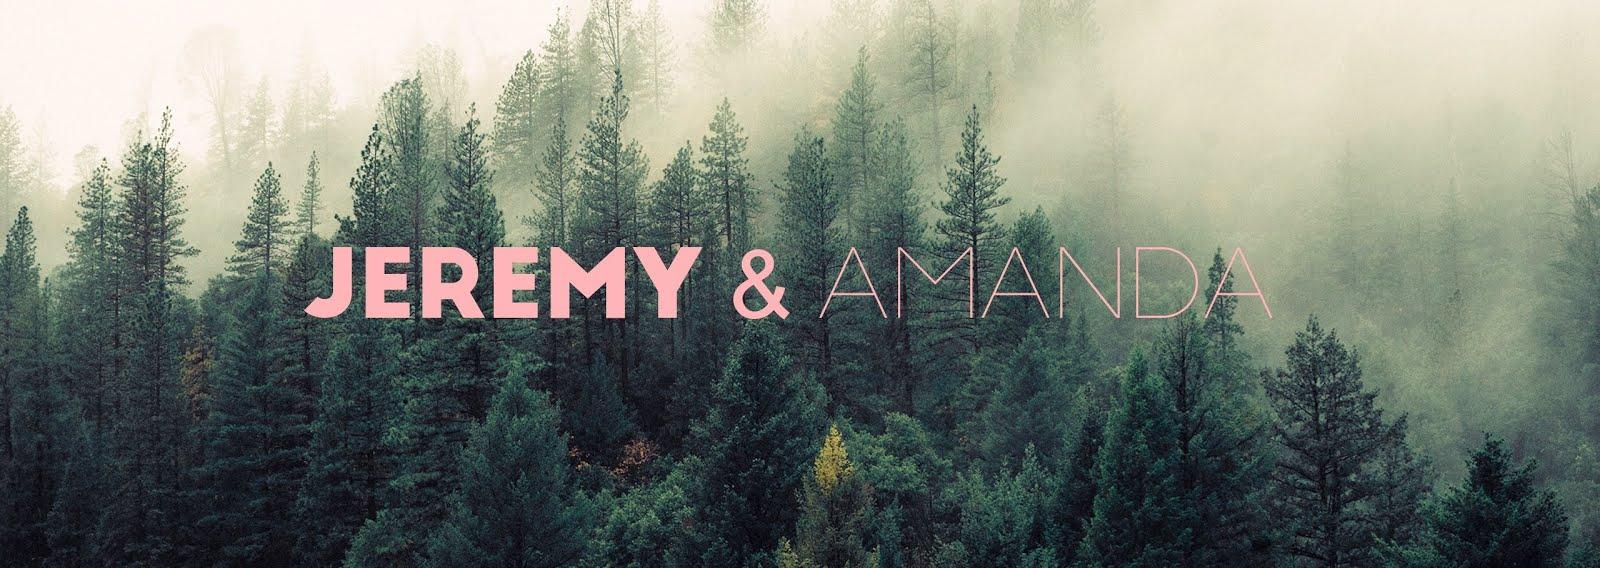 Jeremy & Amanda